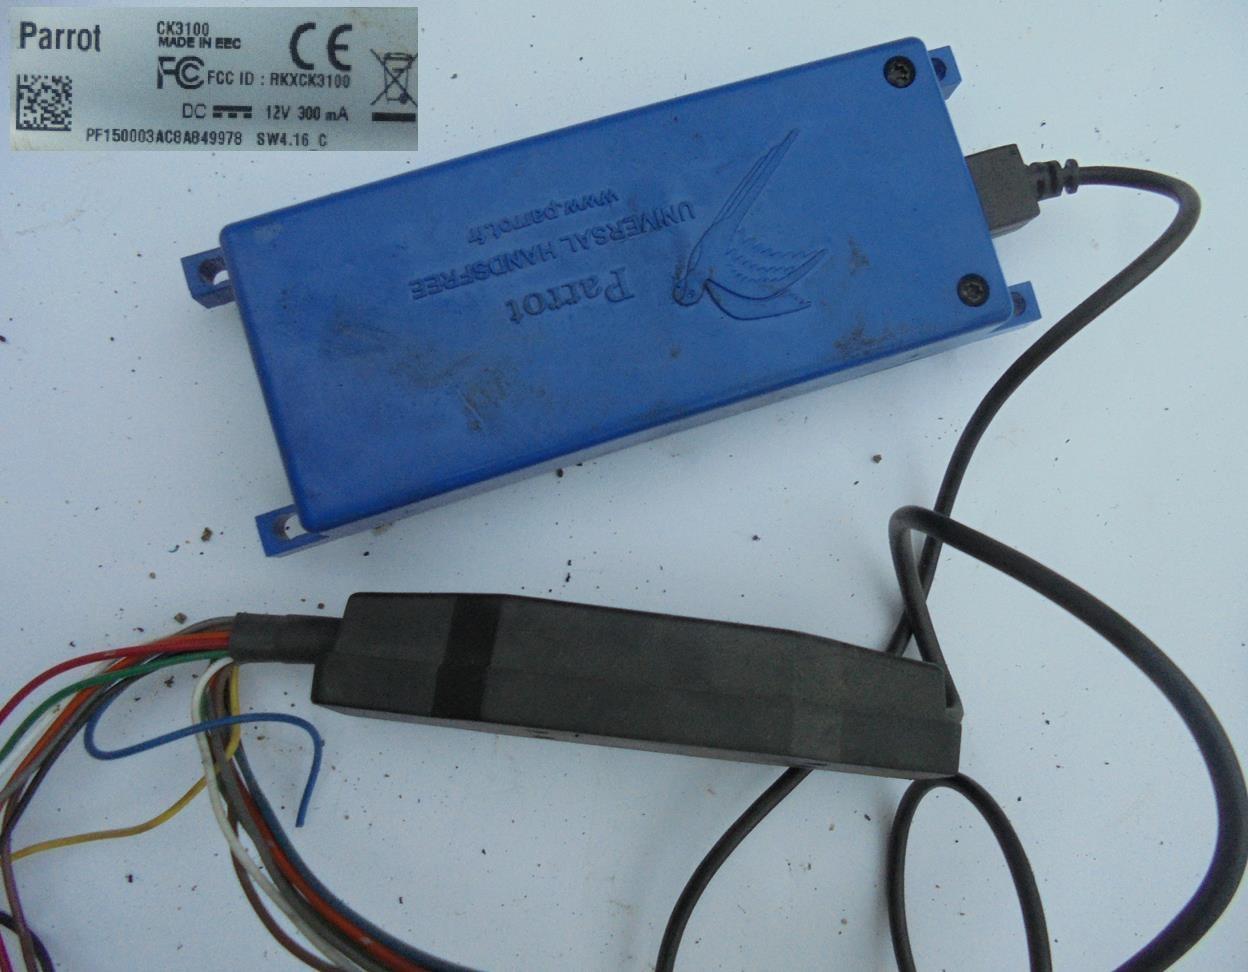 ZESTAW PARROT CK3100 KPL GLOSNOMOWIACY - 7201105241 - oficjalne ...